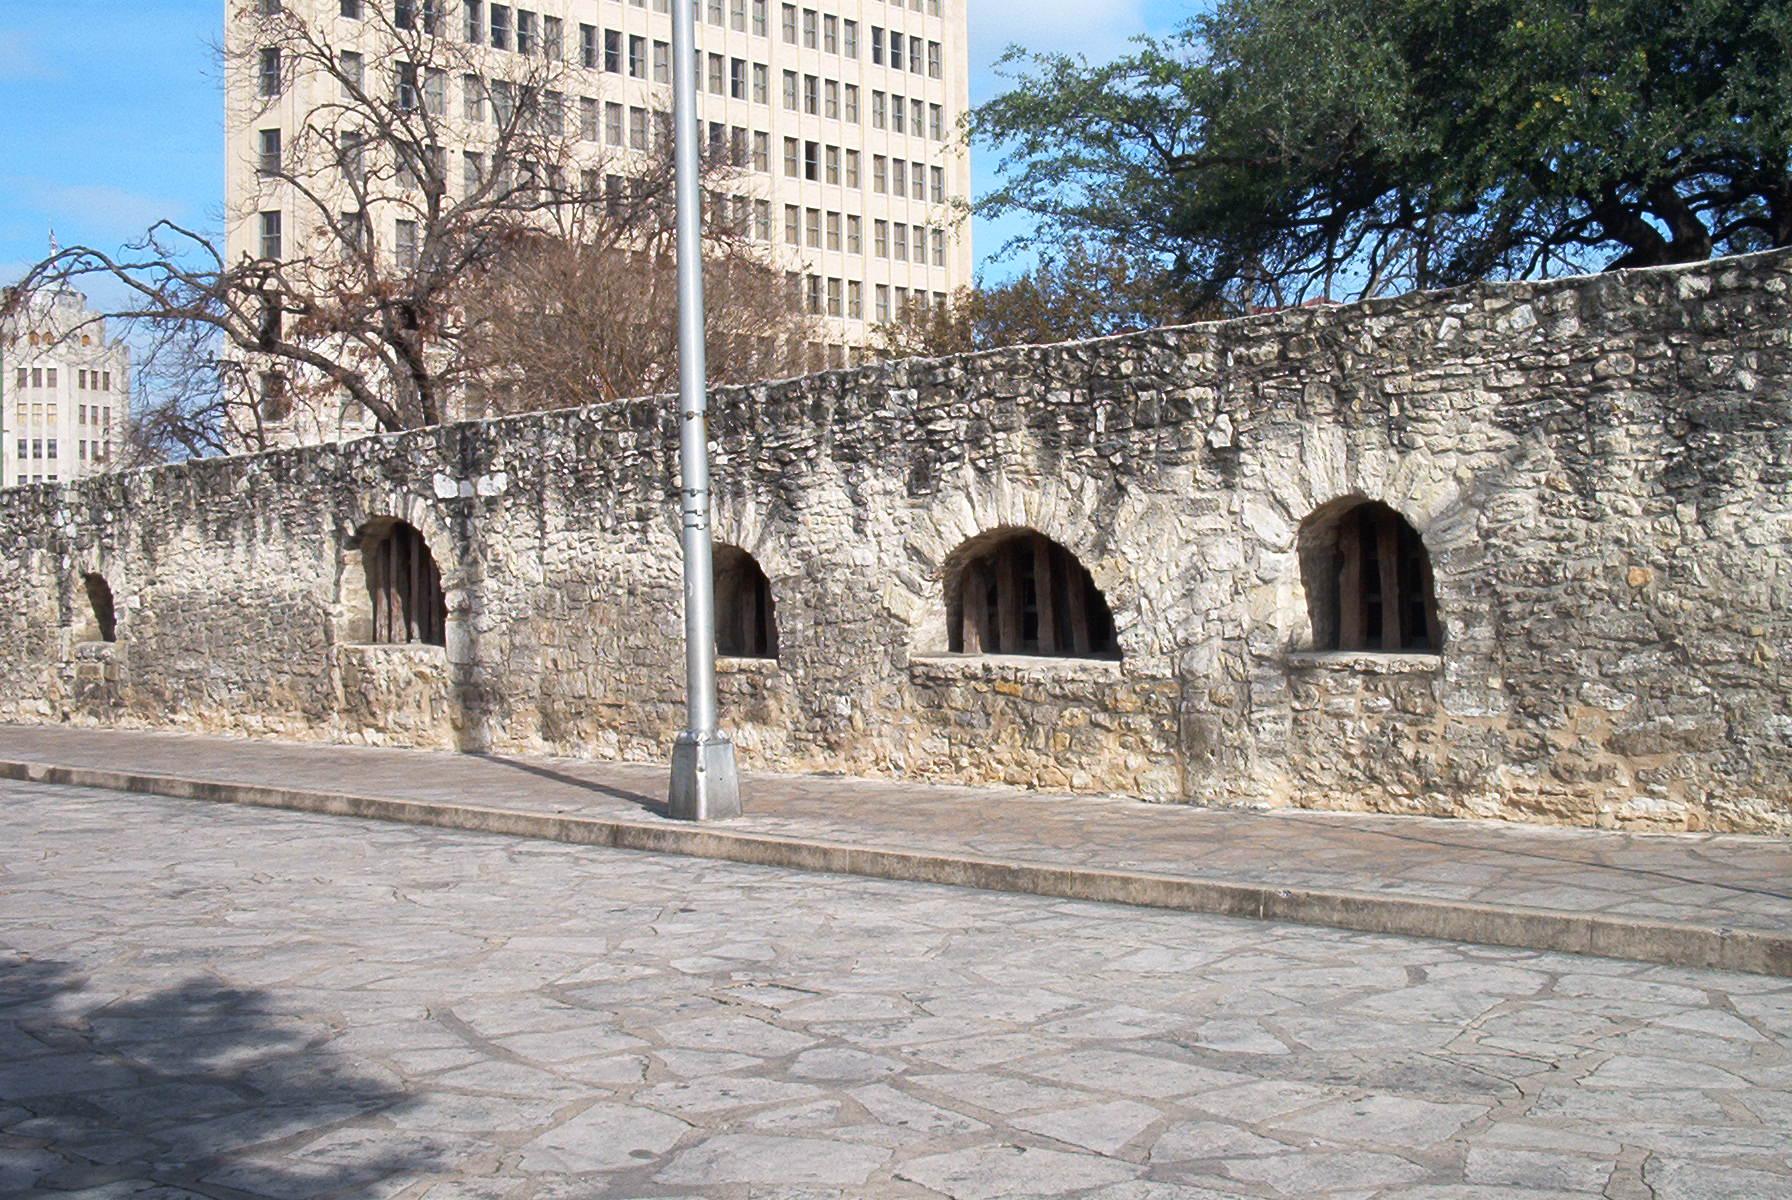 The Alamo ..San Antonio, Texas